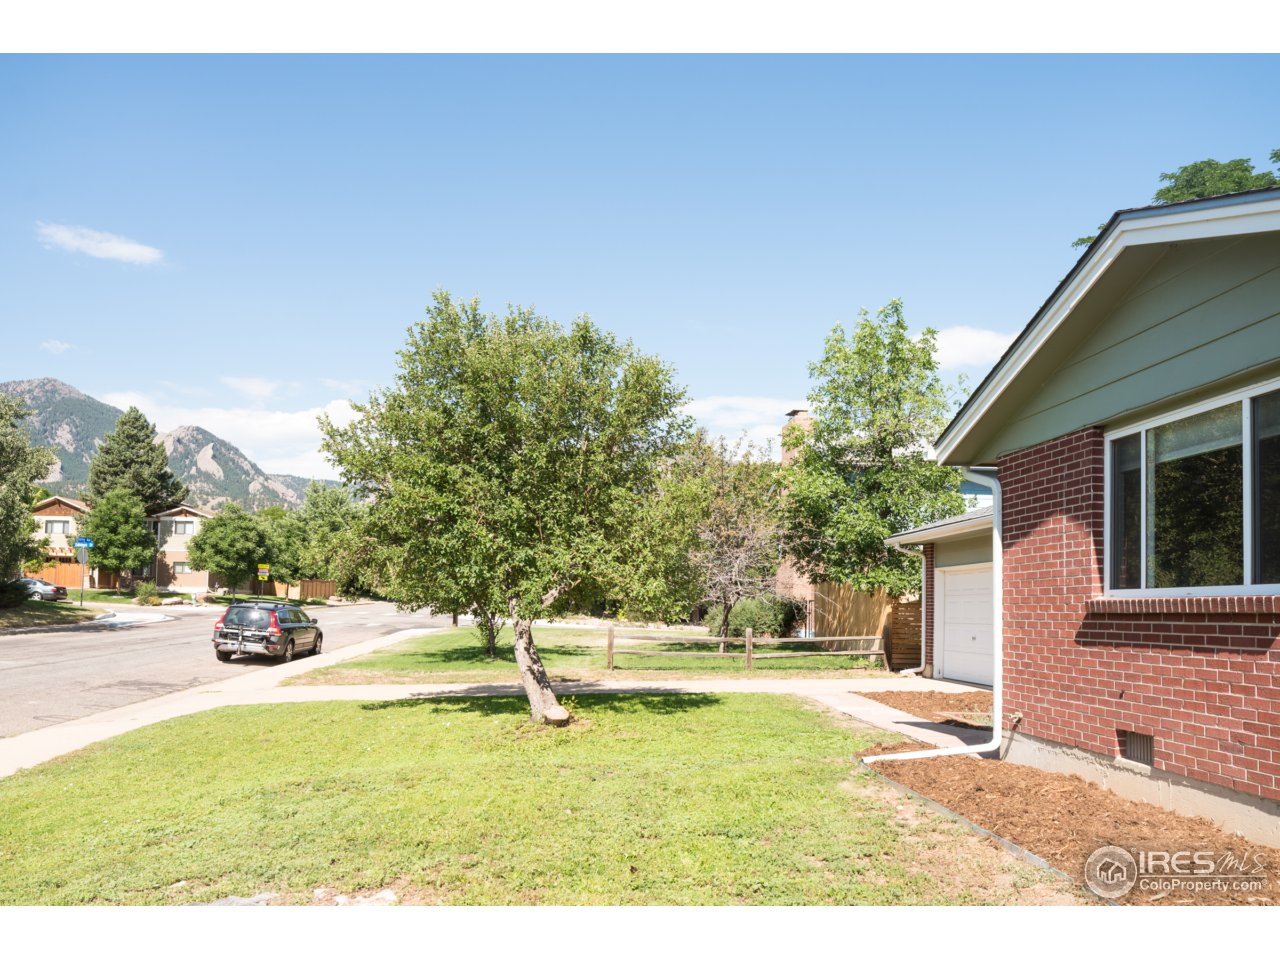 3455 Darley Ave, Boulder CO 80305